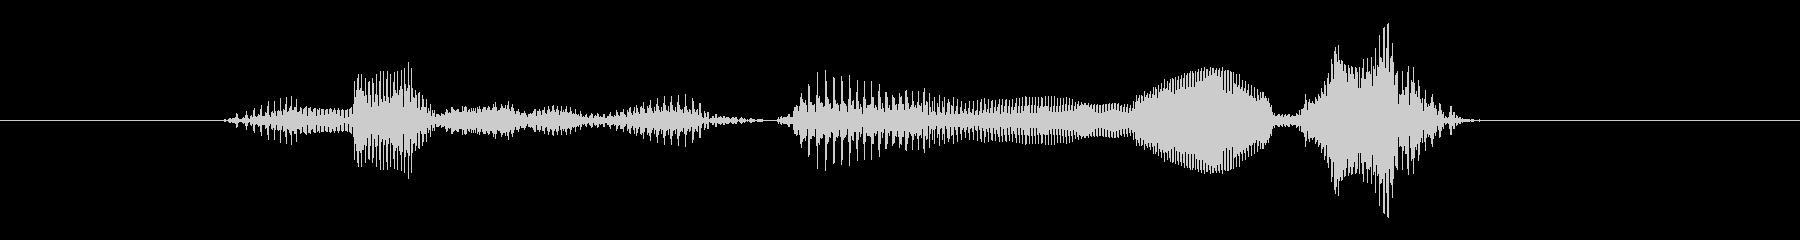 「今すぐダウンロード」の未再生の波形